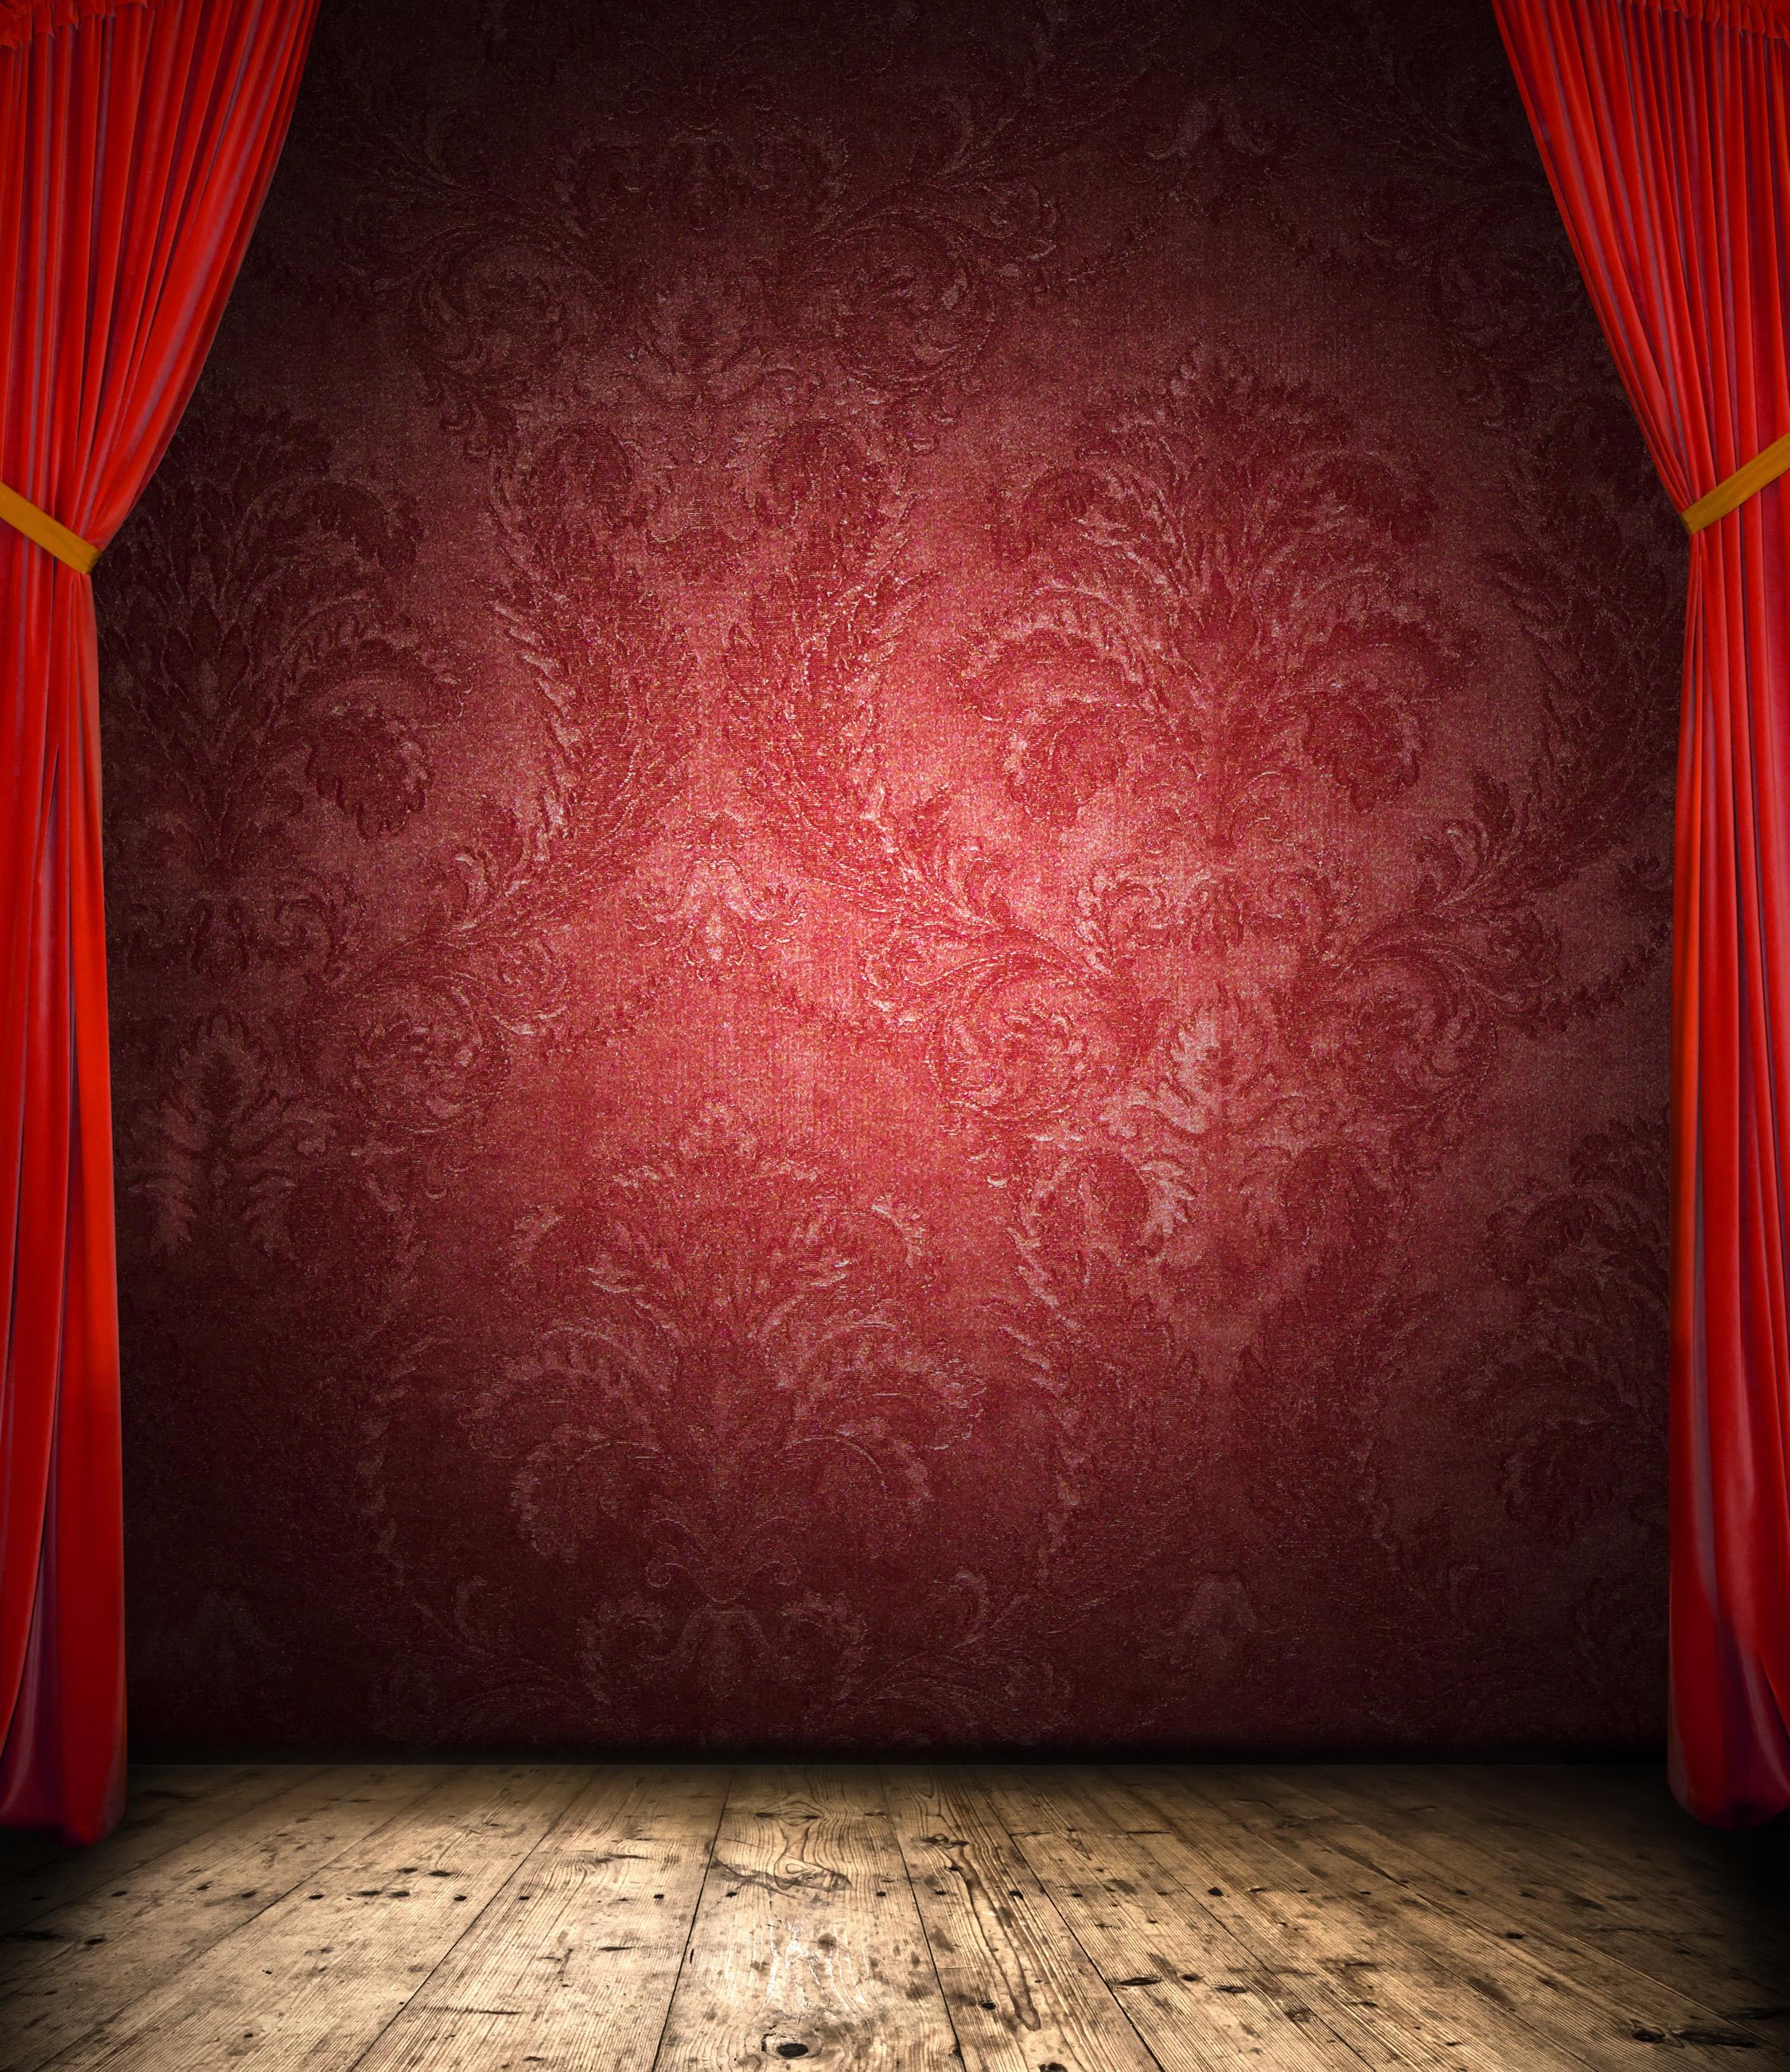 Красная стена, сцена, занавески, свет, фото